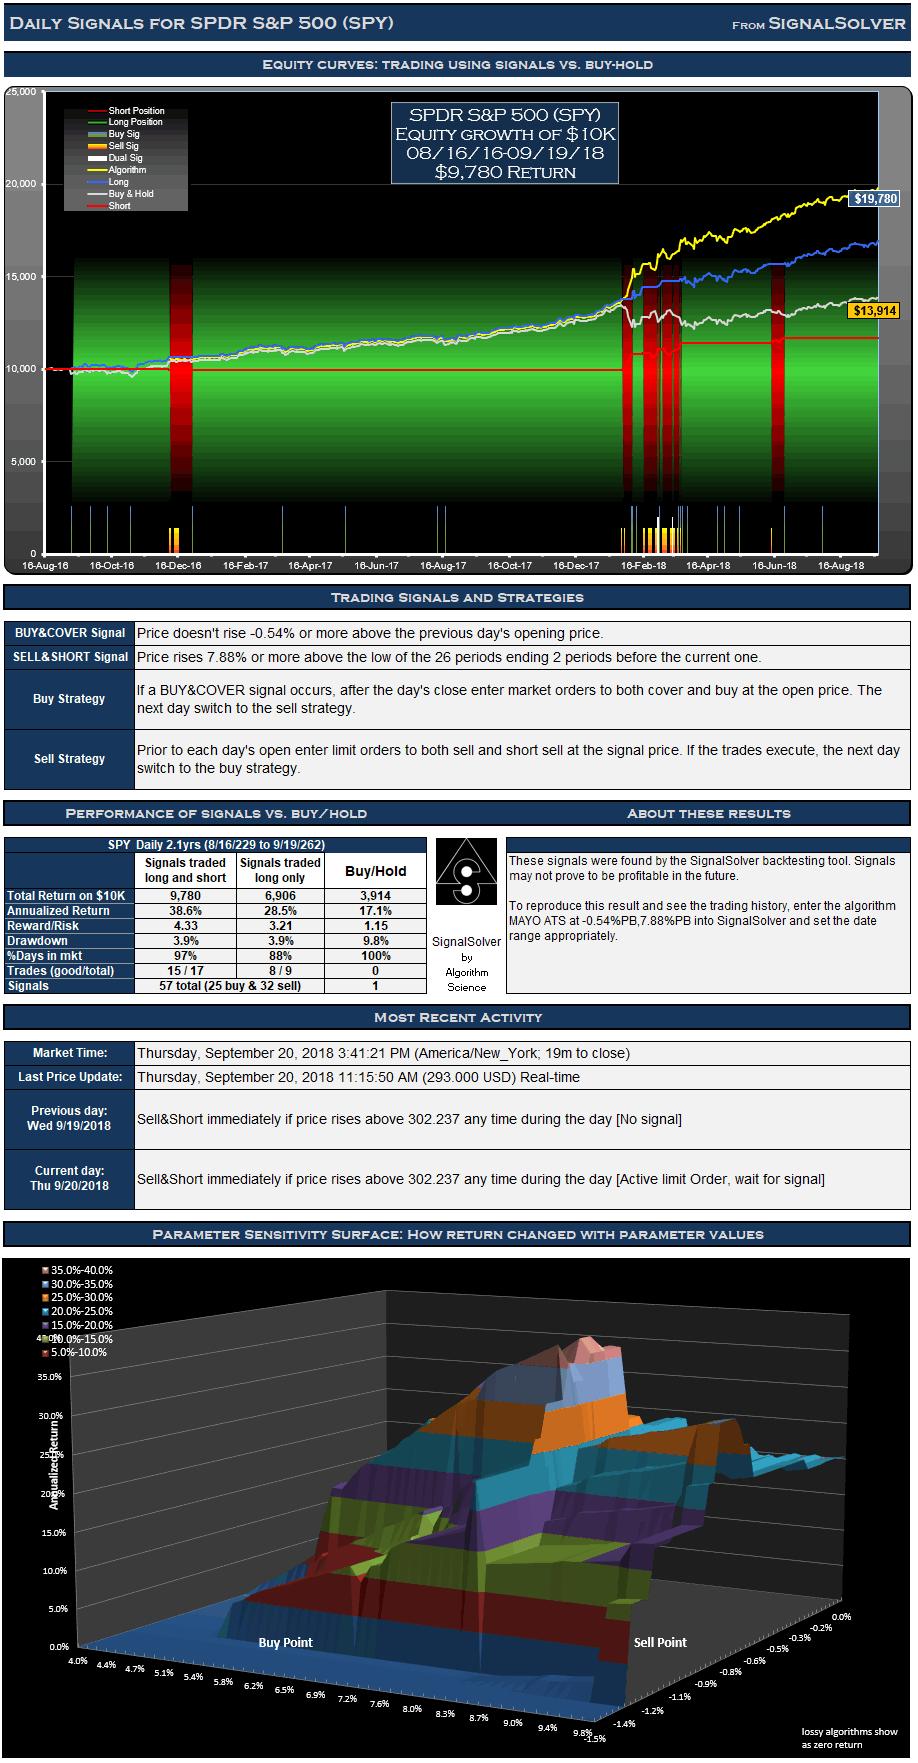 SPDR S&P 500 (SPY) Signals